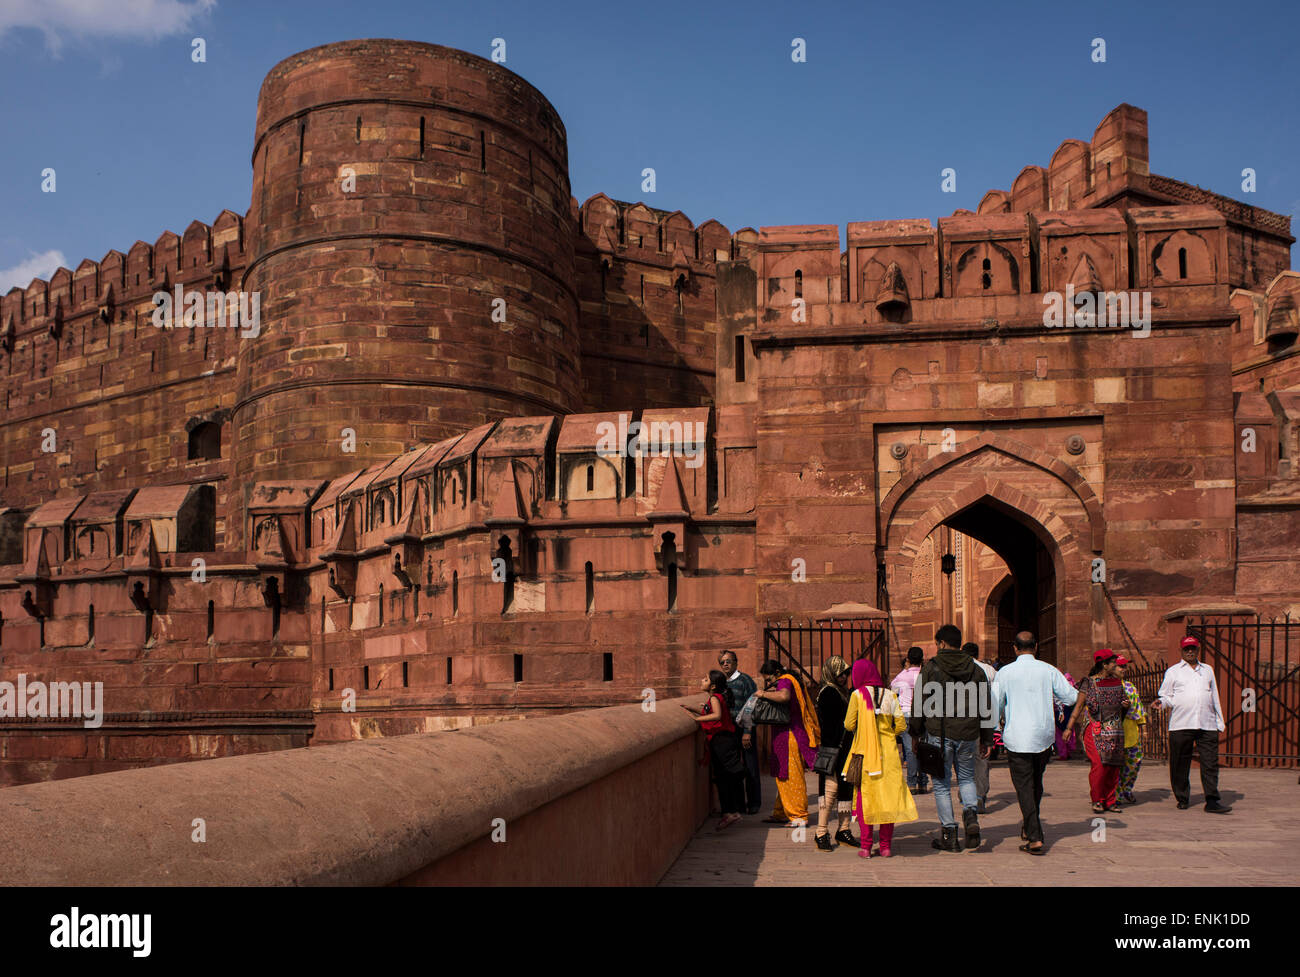 Außenseite der Agra Fort, UNESCO-Weltkulturerbe, Agra, Uttar Pradesh, Indien, Asien Stockbild